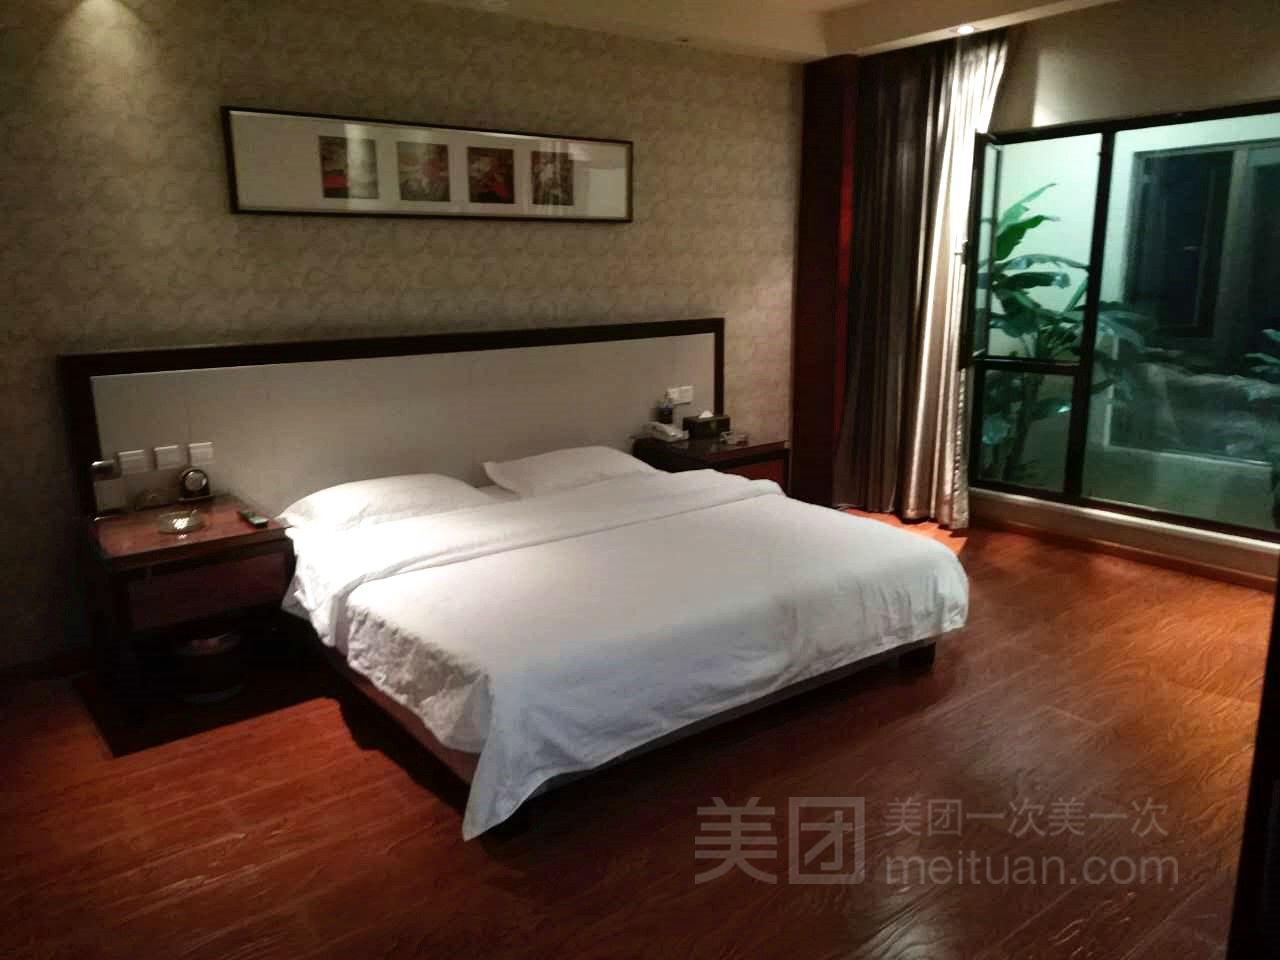 瀚金佰温泉酒店预订/团购